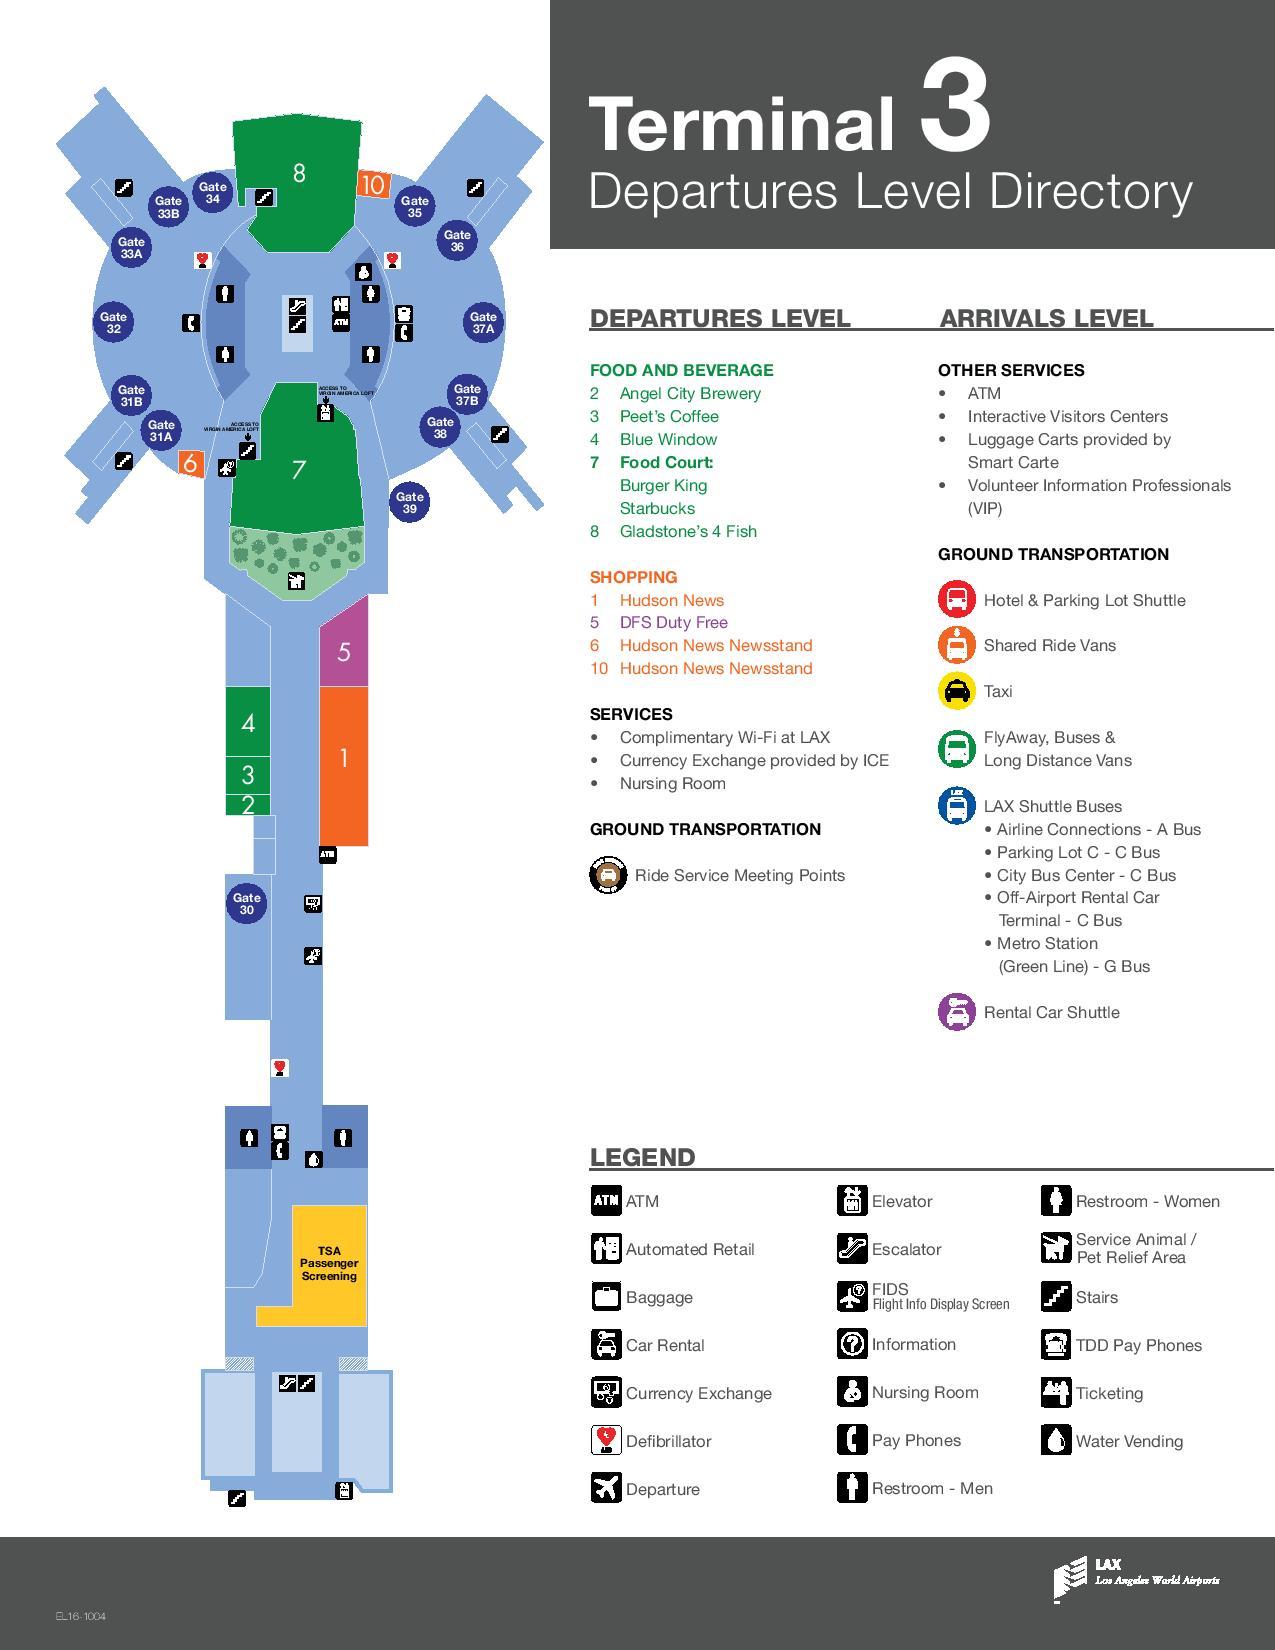 Mapa de la T3 del aeropuerto de Los Angeles LAX